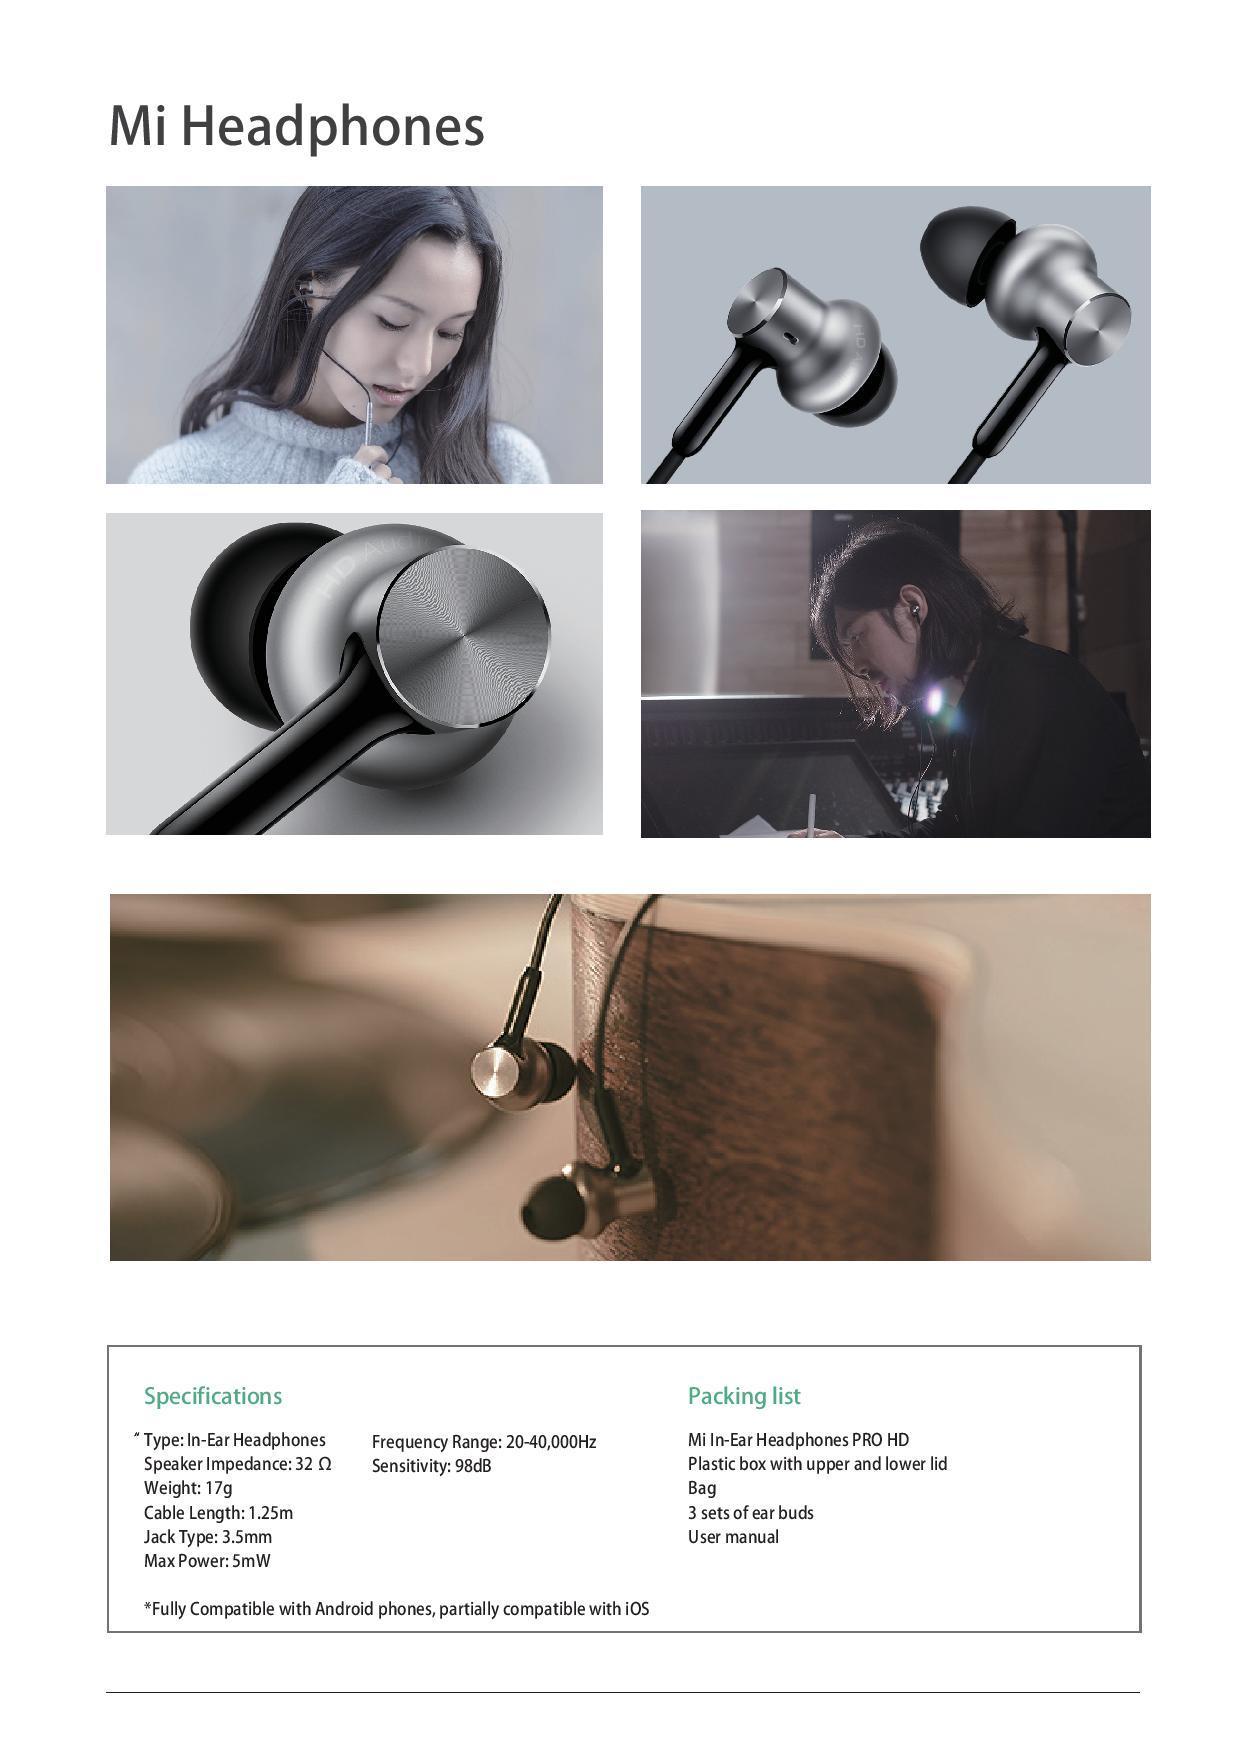 [Product Sheet]Mi In Ear Headphone PRO HD-page-002.jpg